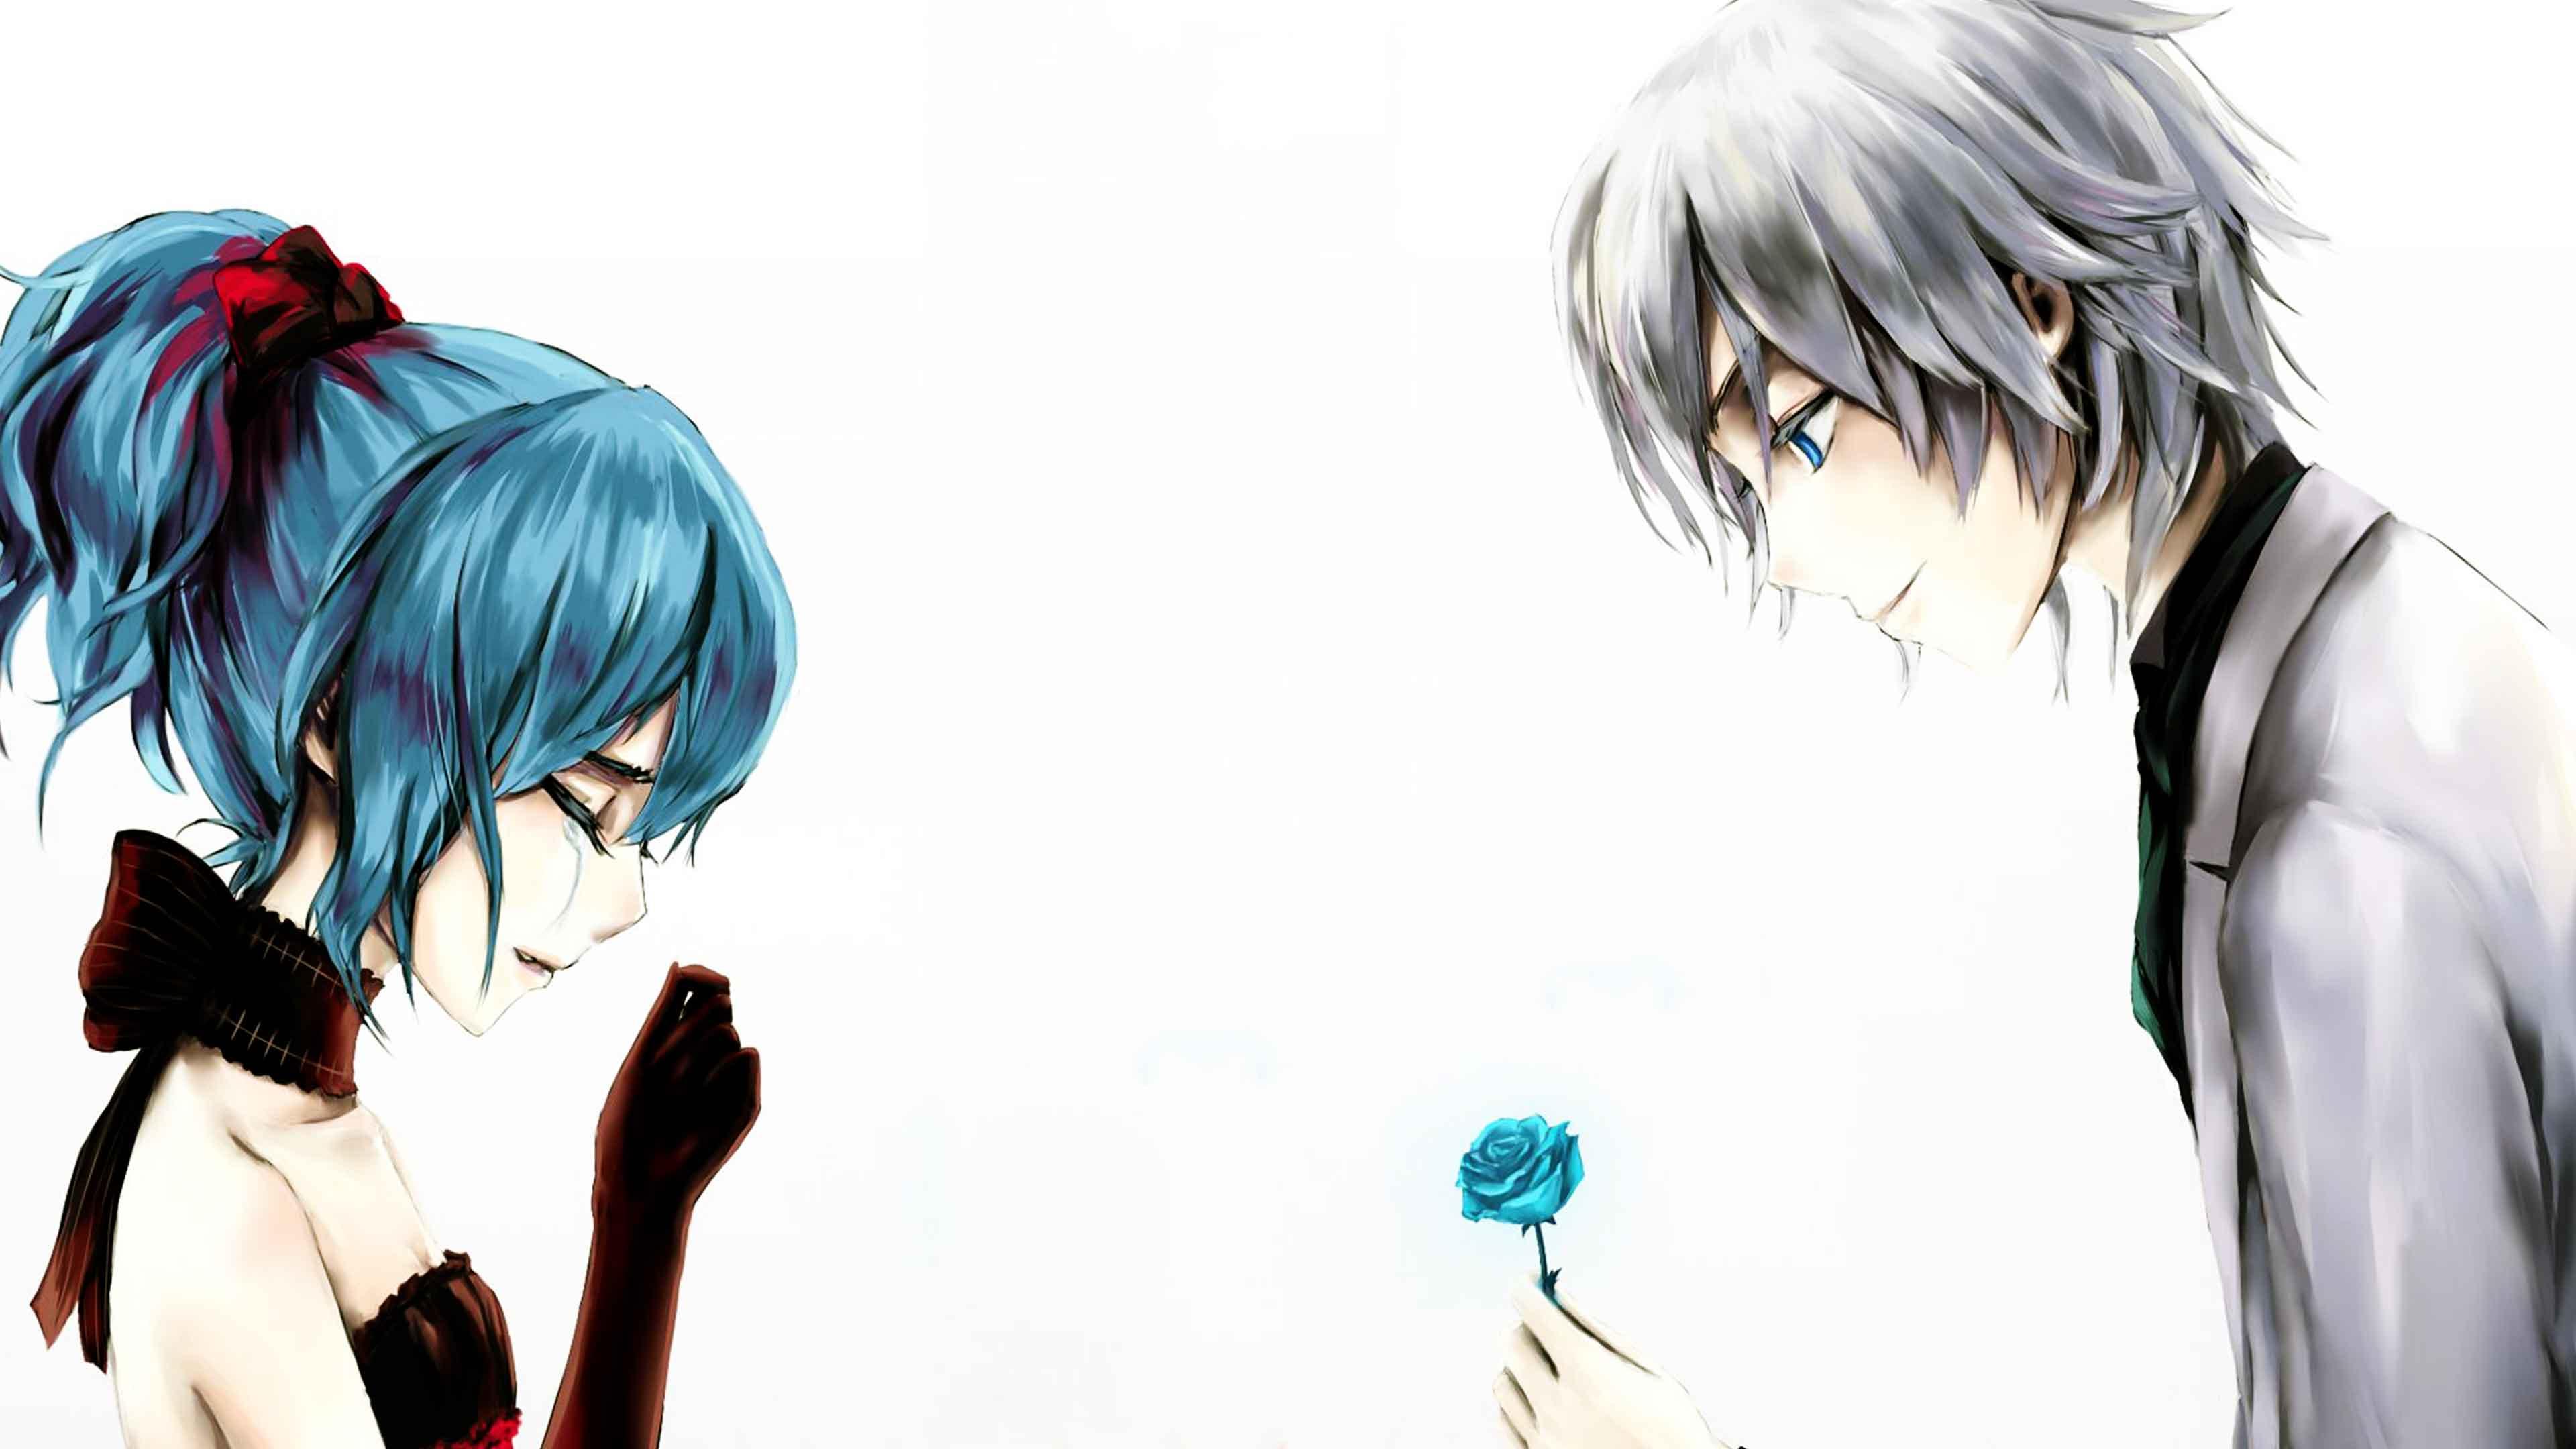 59 595667 3d love couple pic sad anime girl and